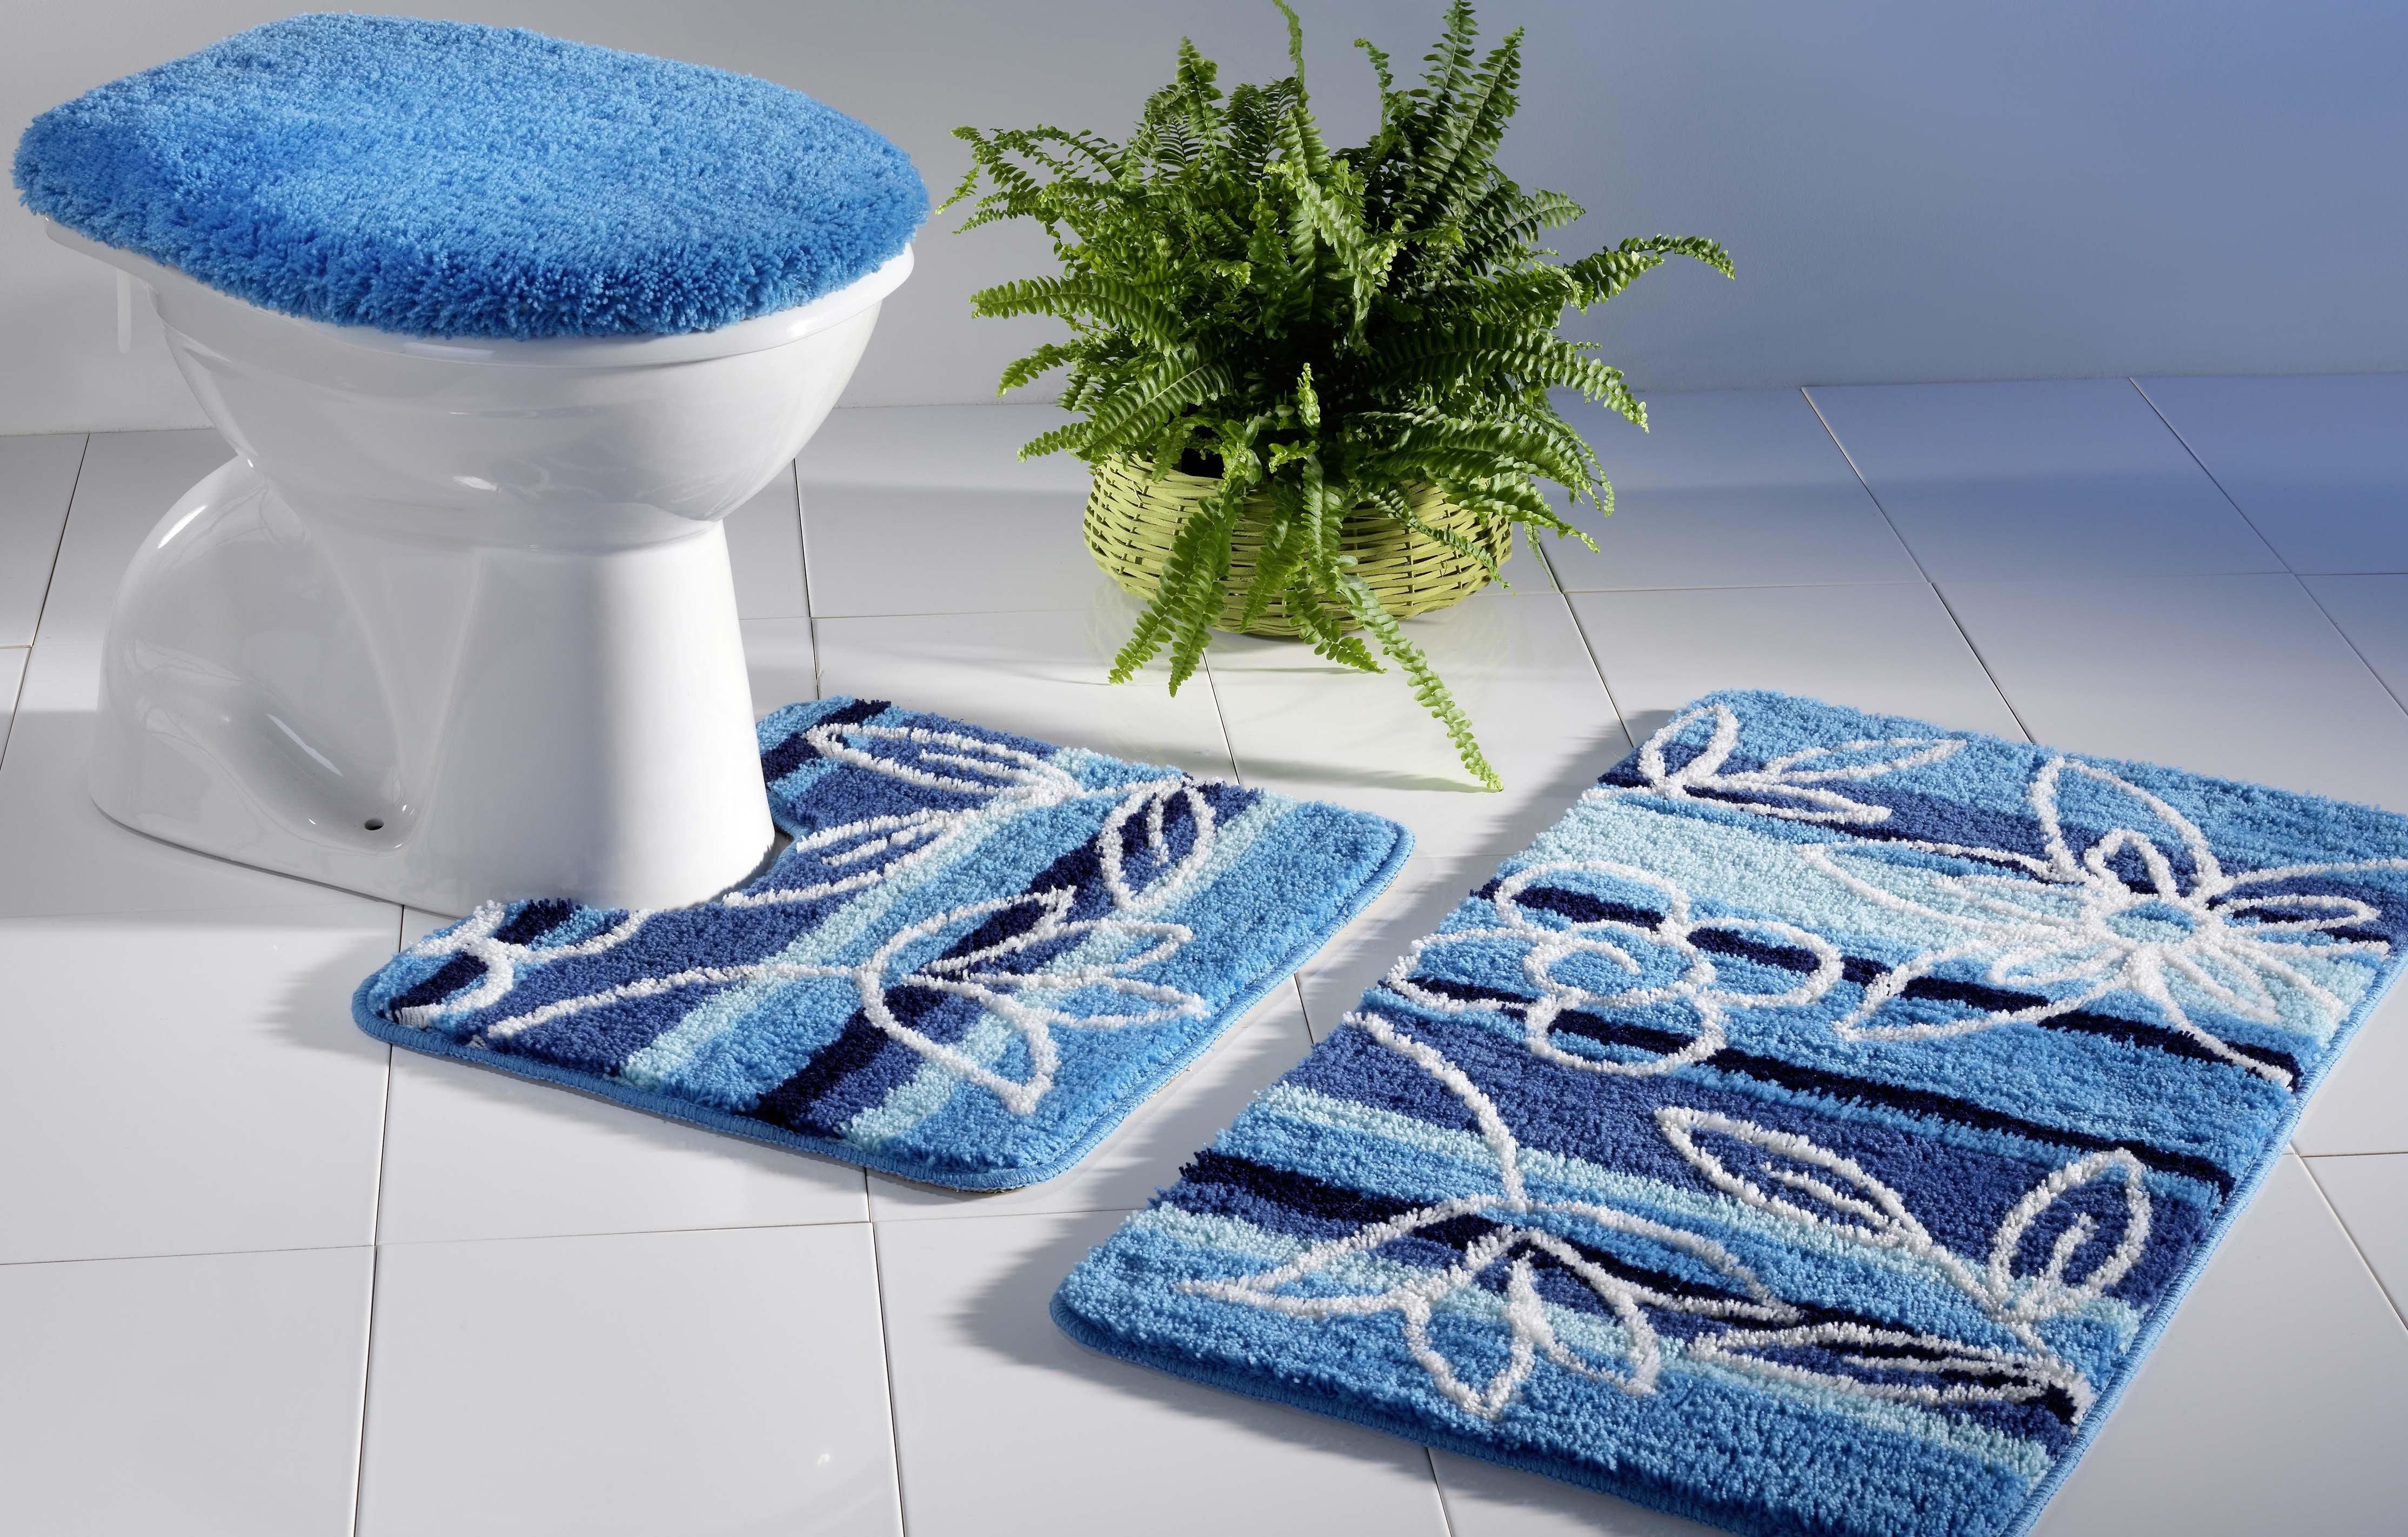 Garniture Bain/WC  *FLEURS*  3 pièces